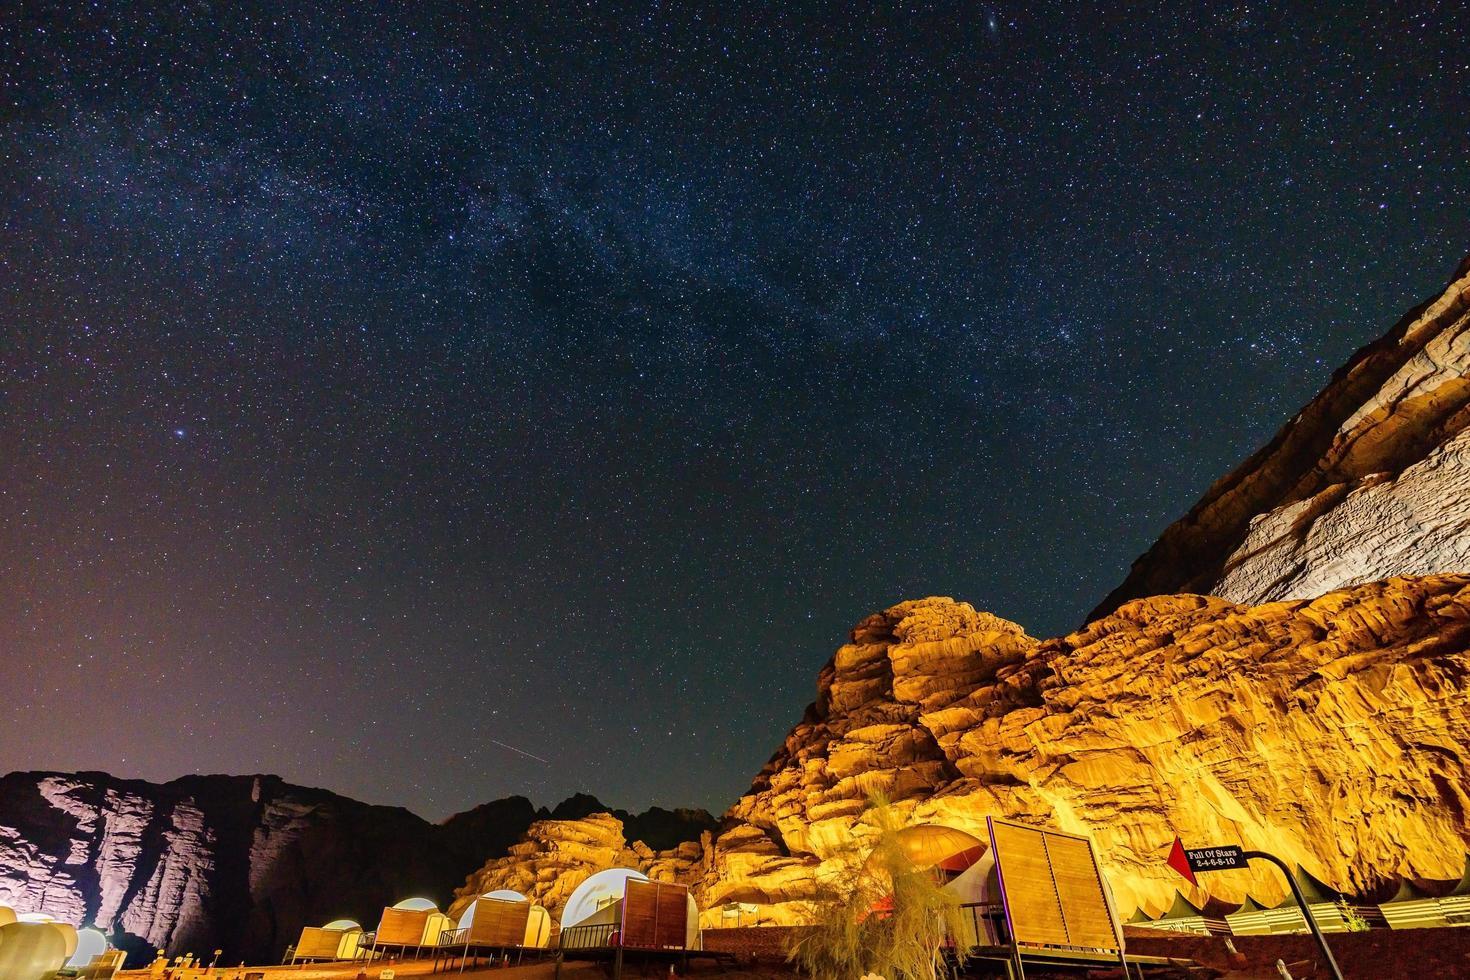 Milchstraße über den Bergen in der Wadi Rum Wüste, Jordanien foto